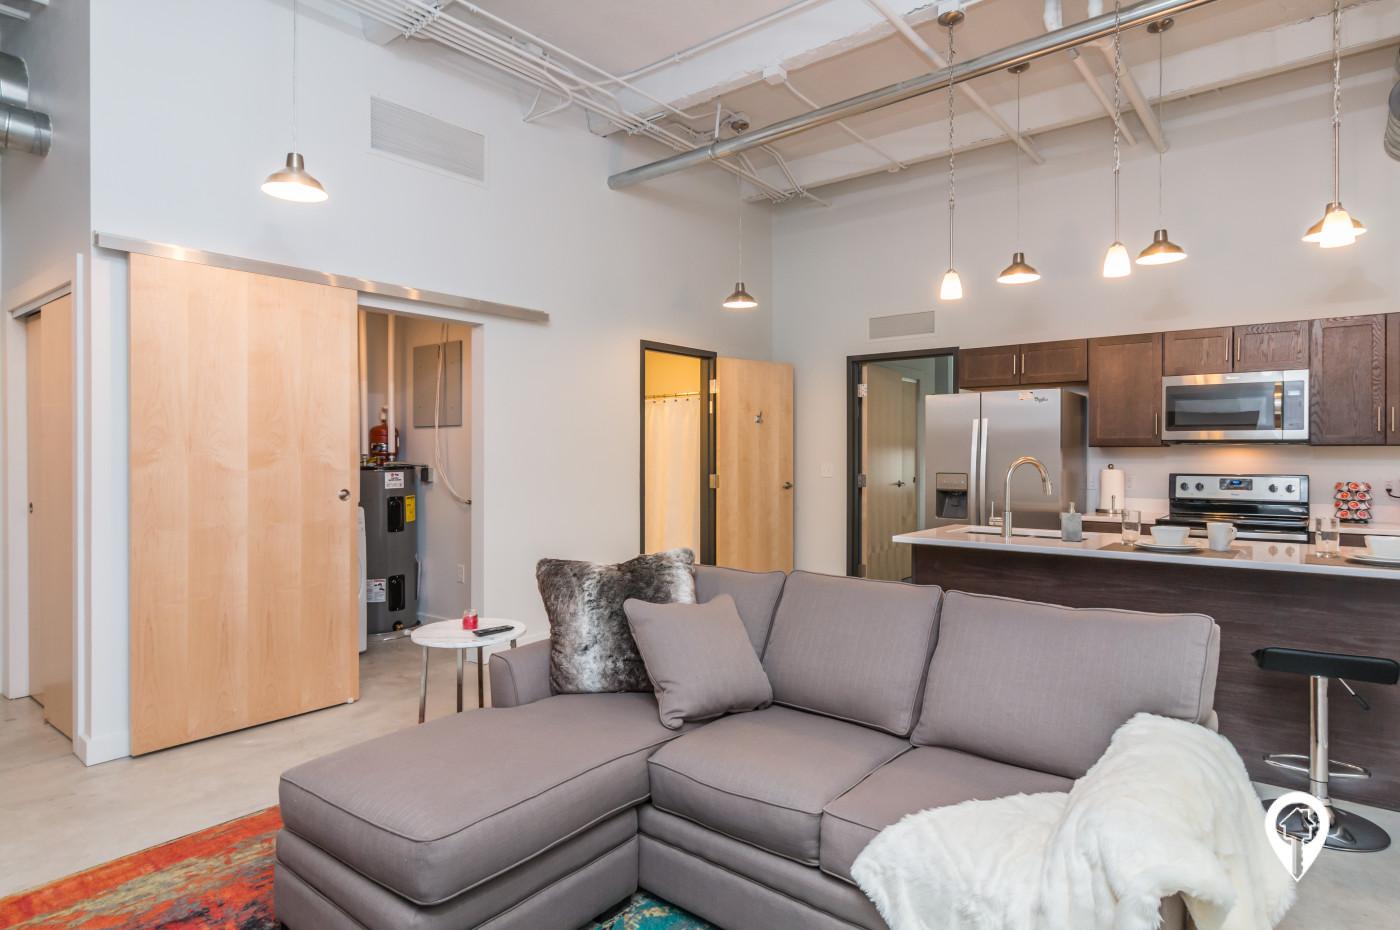 100 Virginia Square Apartments